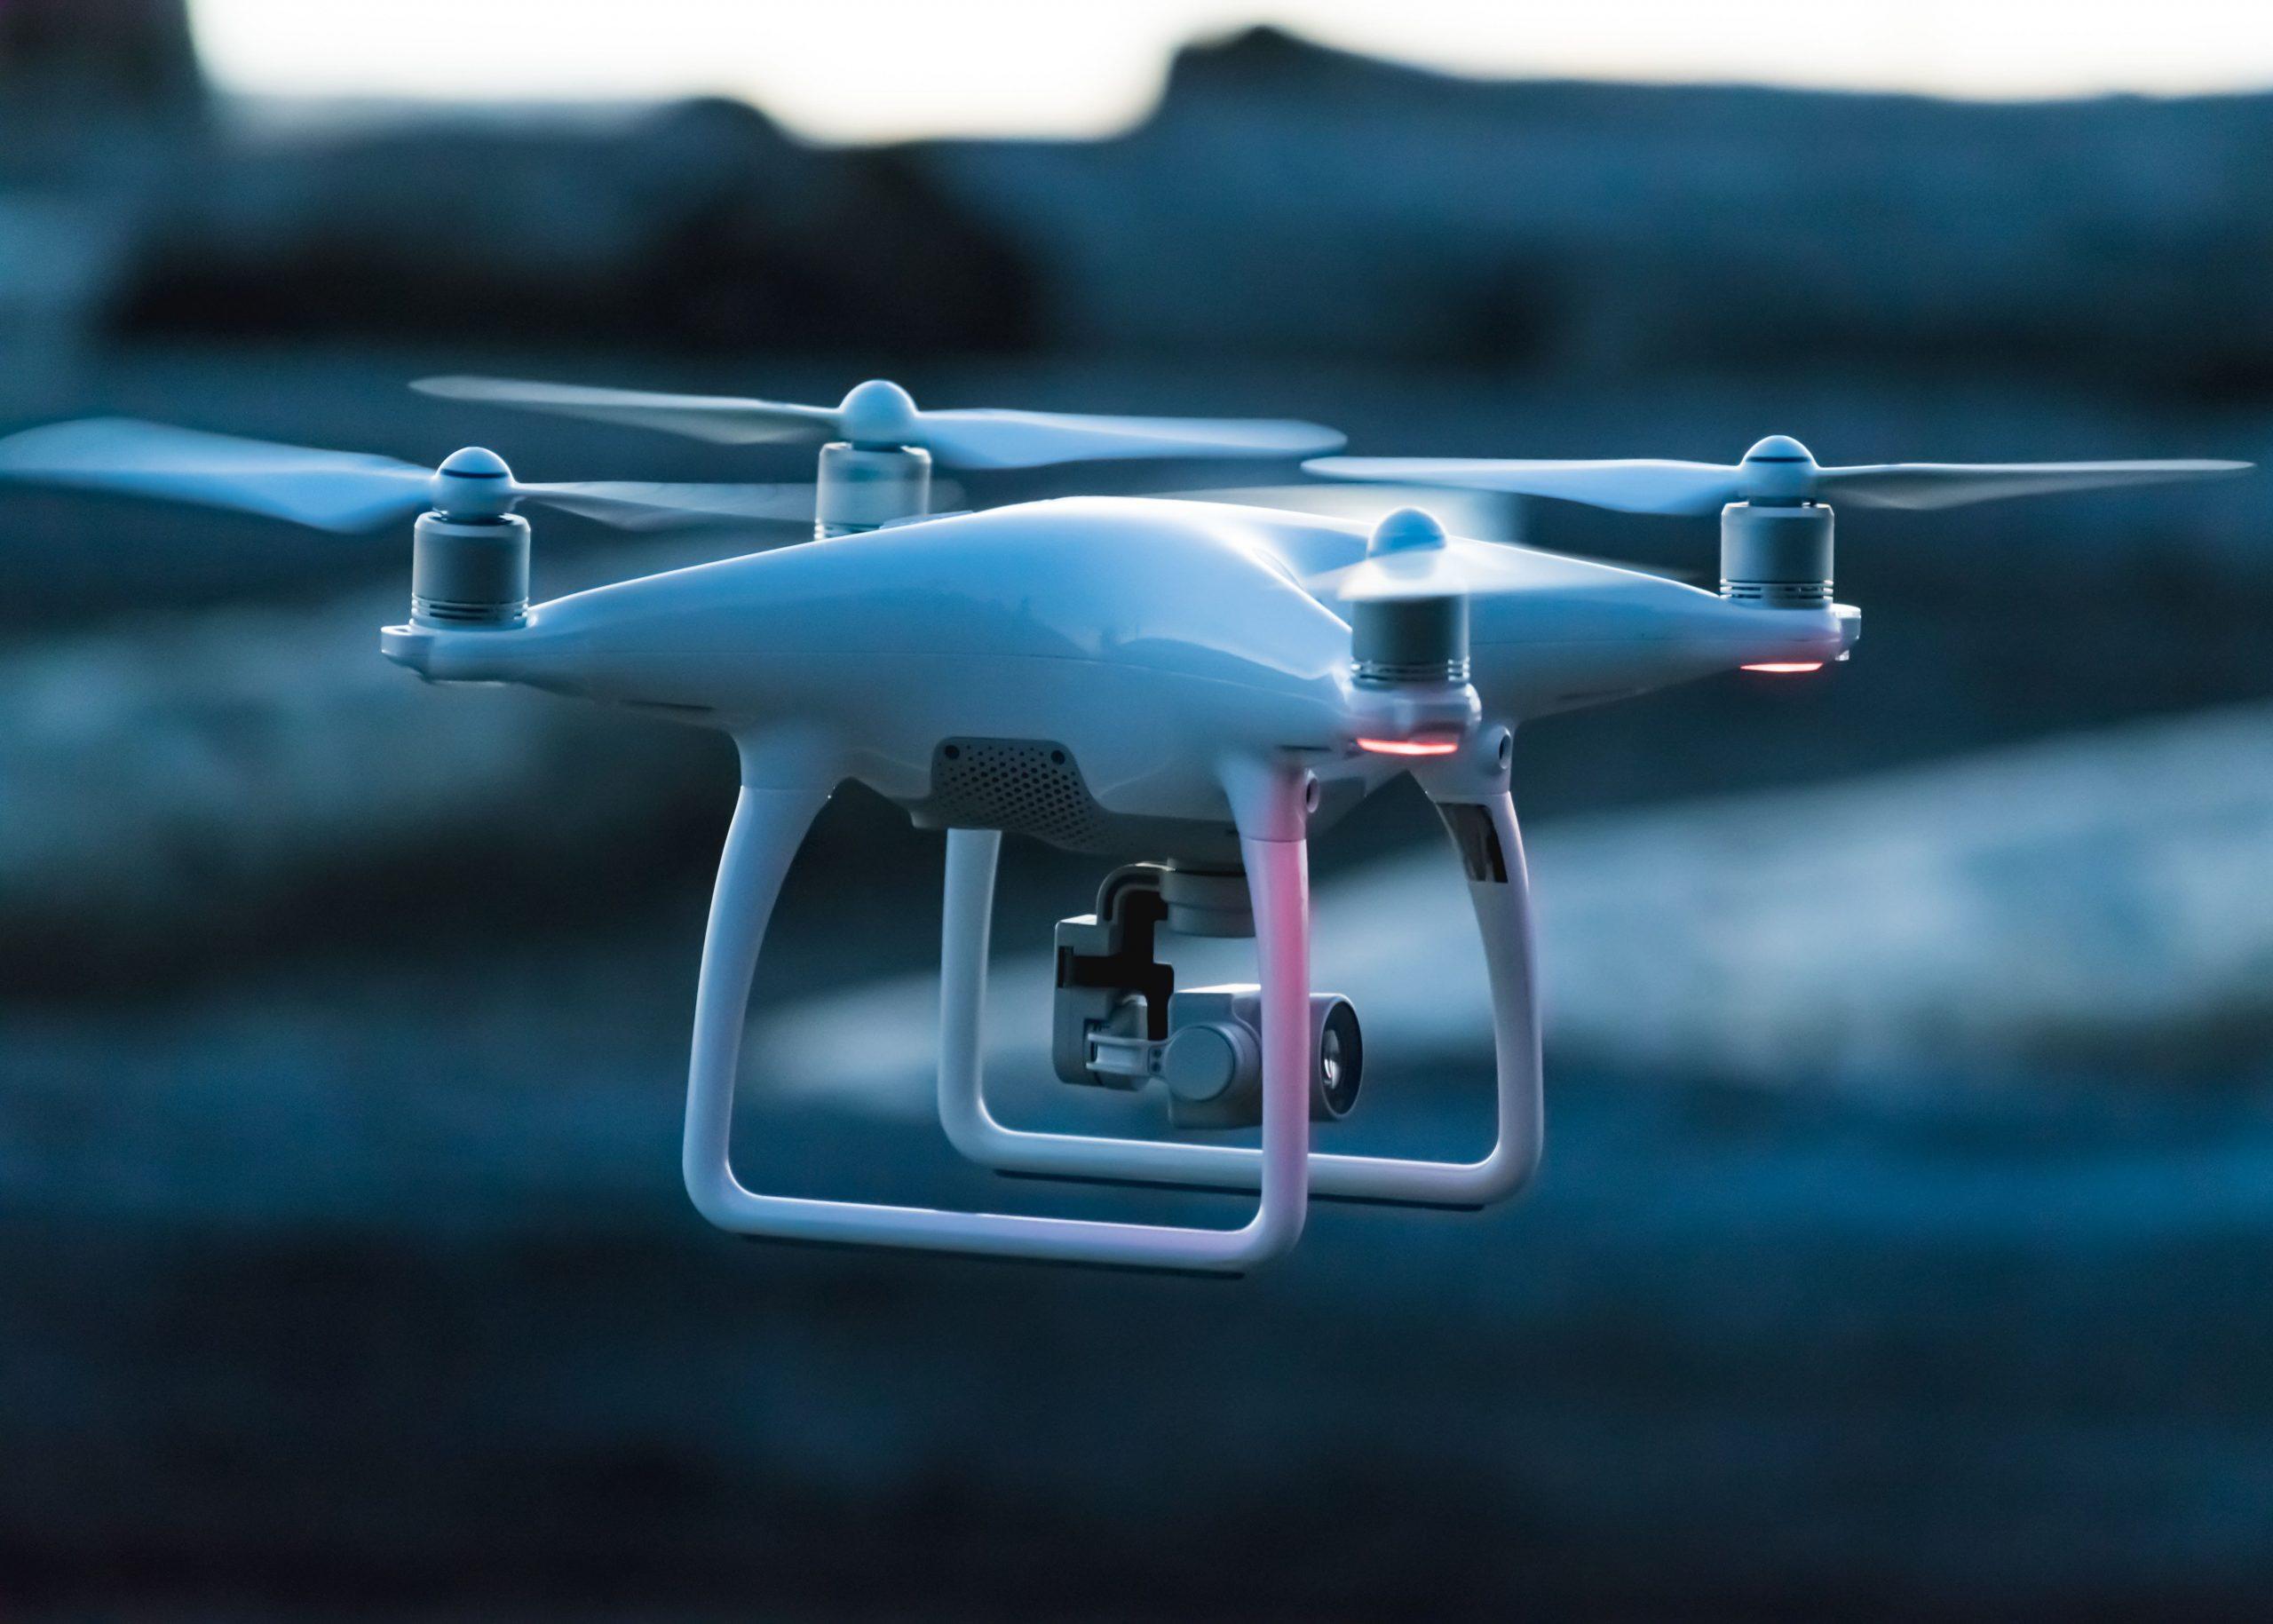 Drones regulación en España